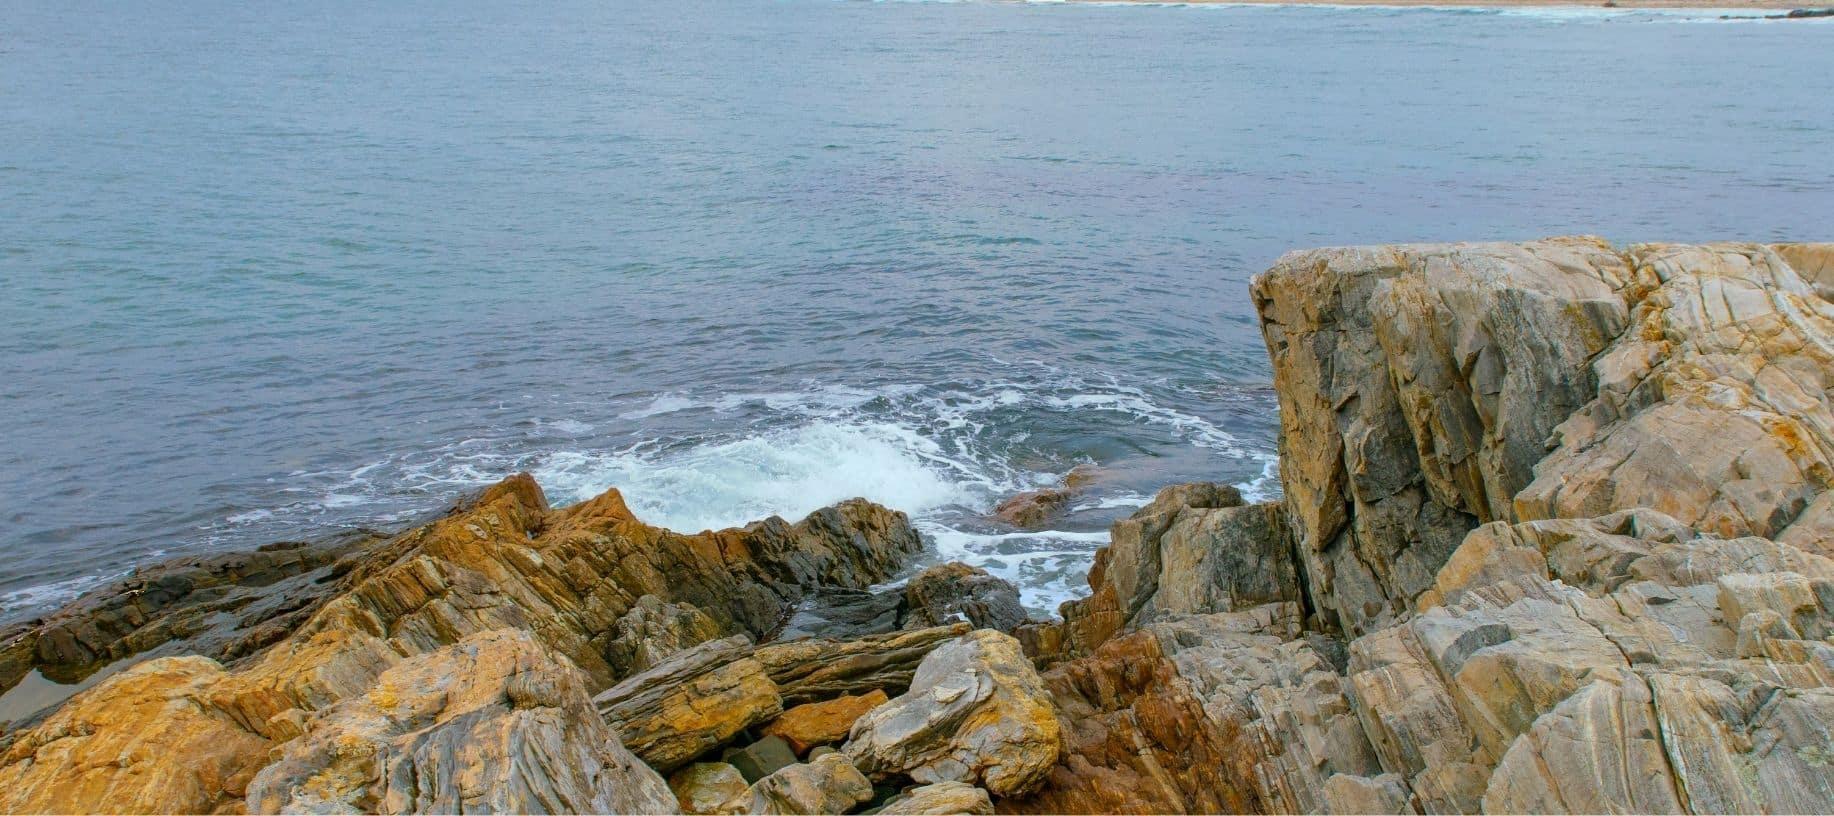 Rocky coast of Maine overlooking the ocean.